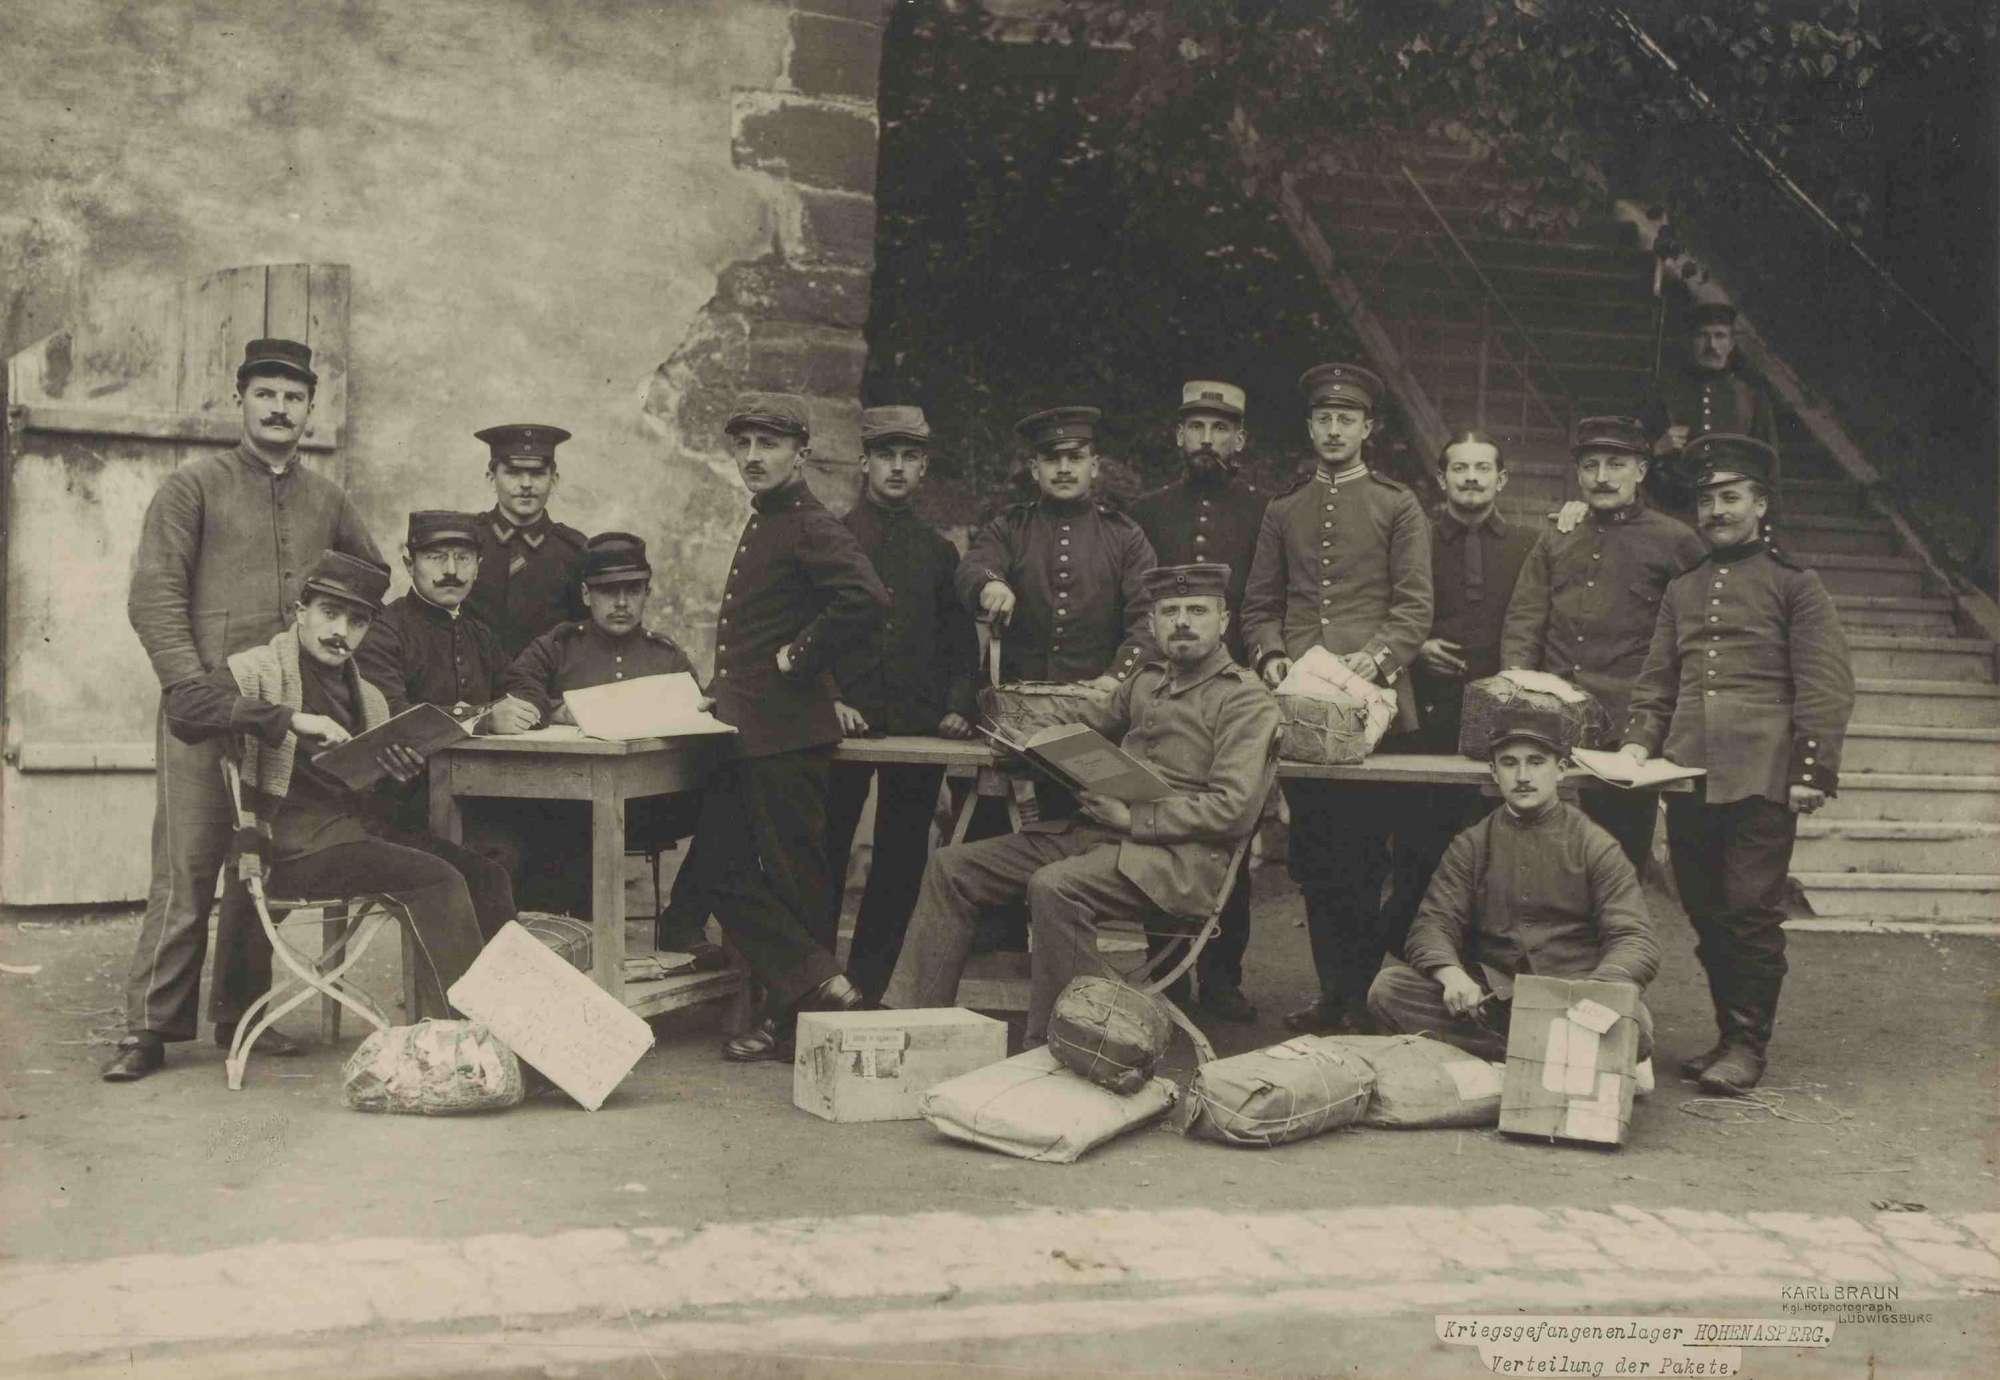 Fünfzehn Kriegsgefangene, teils stehend, teils sitzend an Tischen beim Verteilen von Paketen, Bild 1